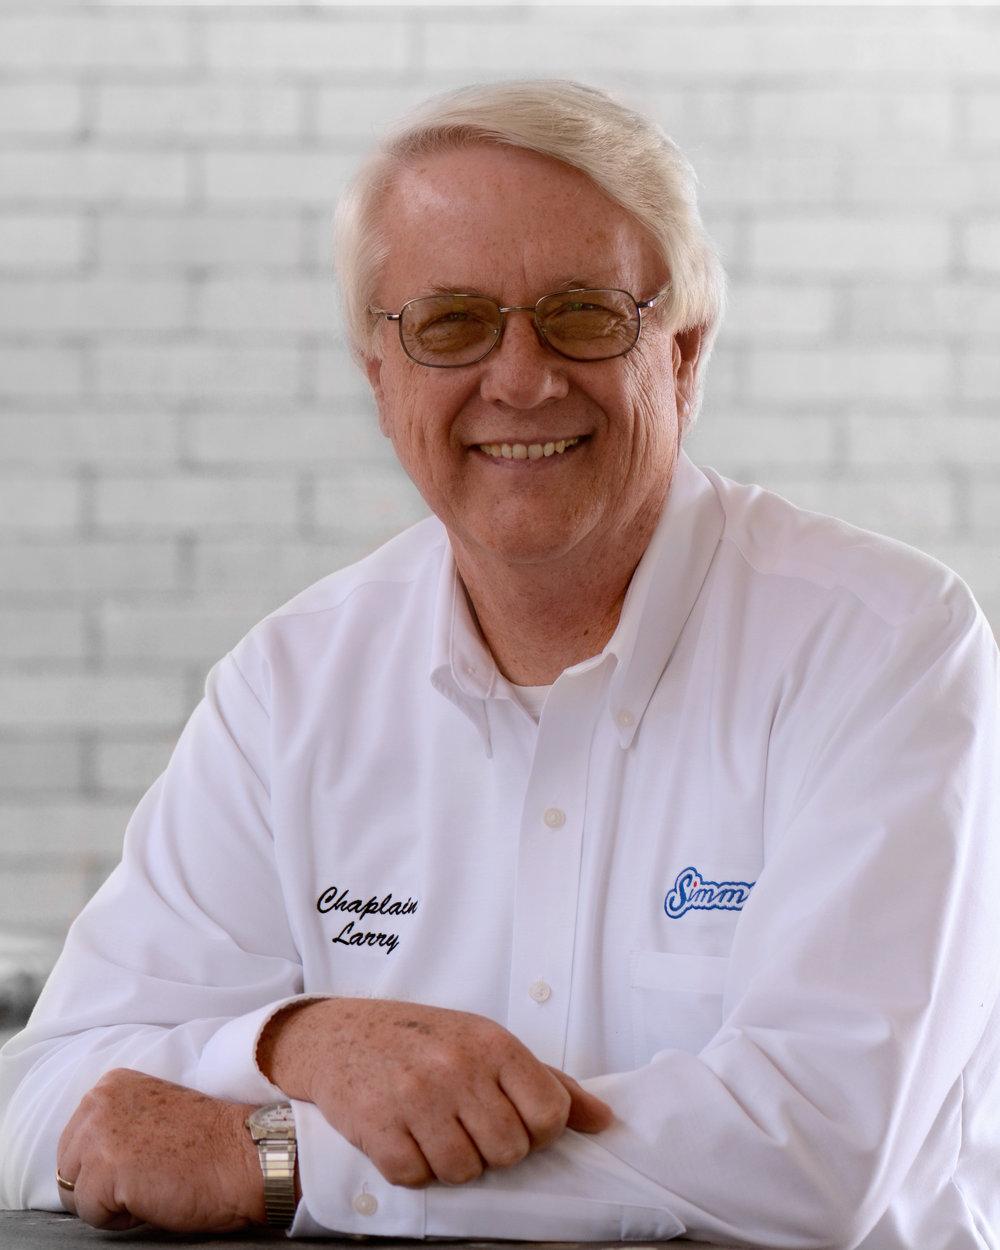 Larry Hendren - VAN BUREN & DECATURE: larry.hendren@simfoods.comC: 479.238.4510